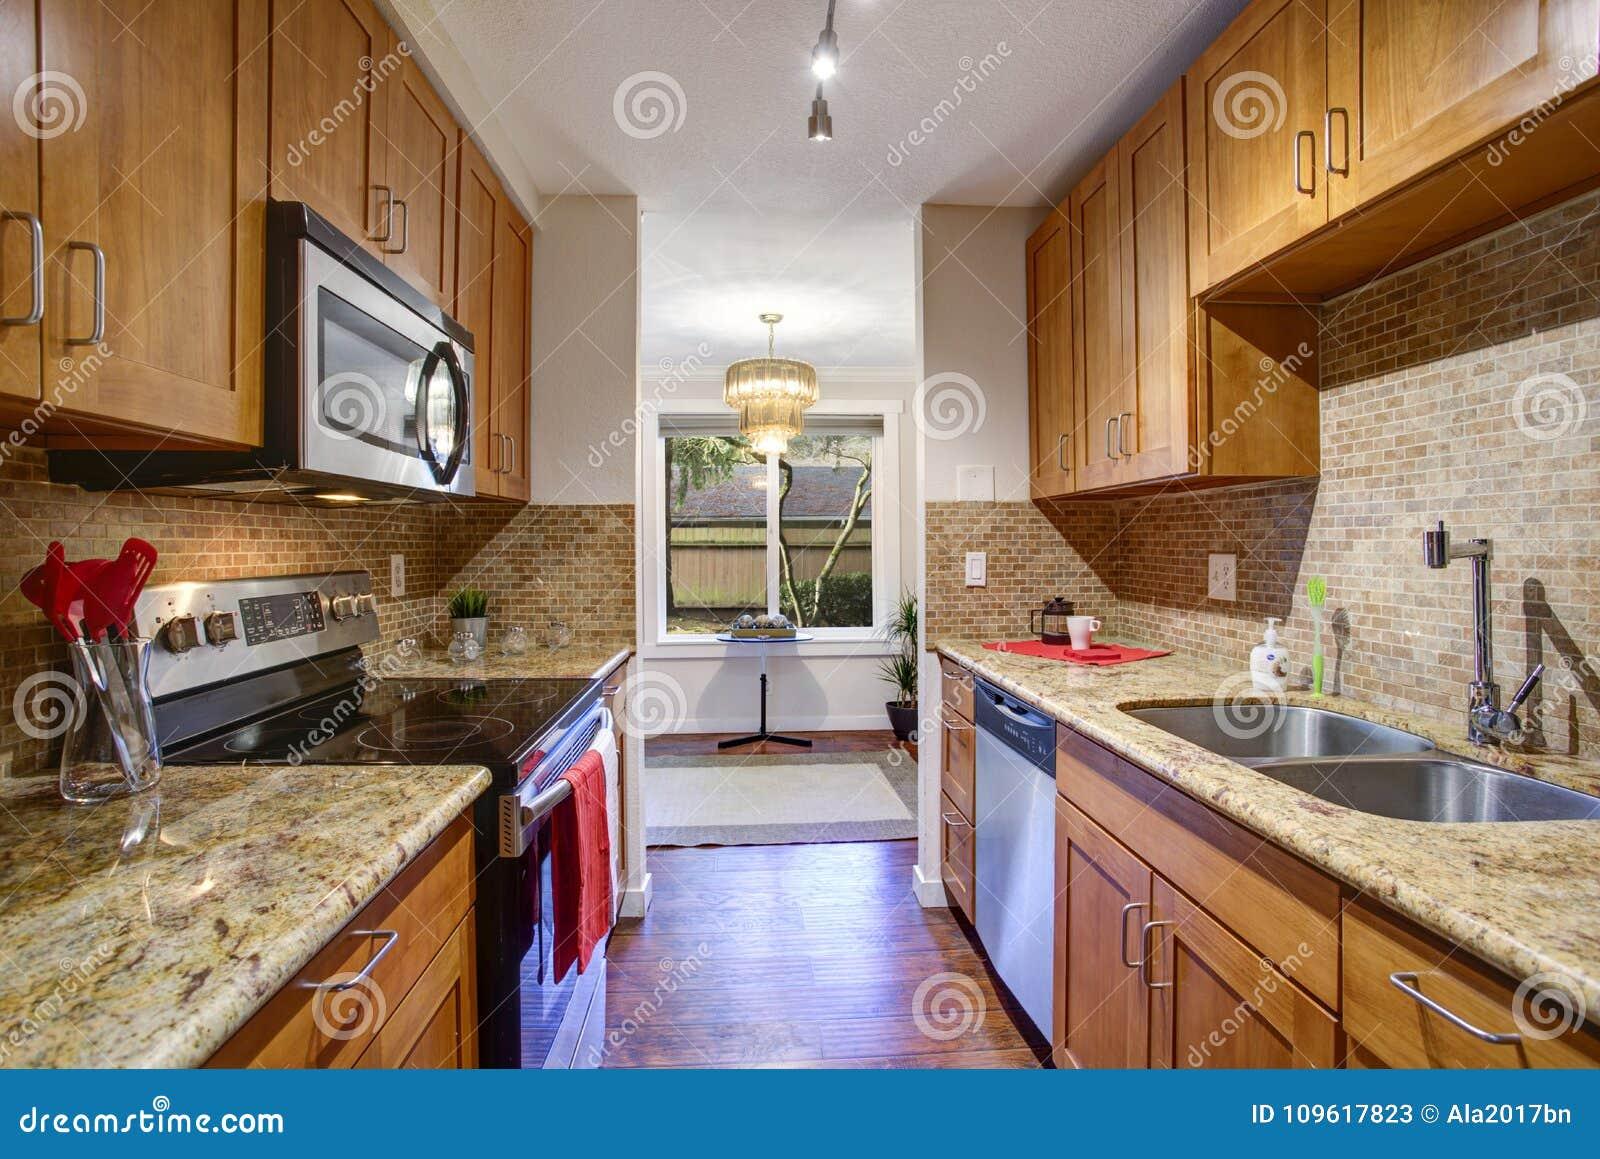 Small Galley Kitchen Design With Black Kitchen Appliances